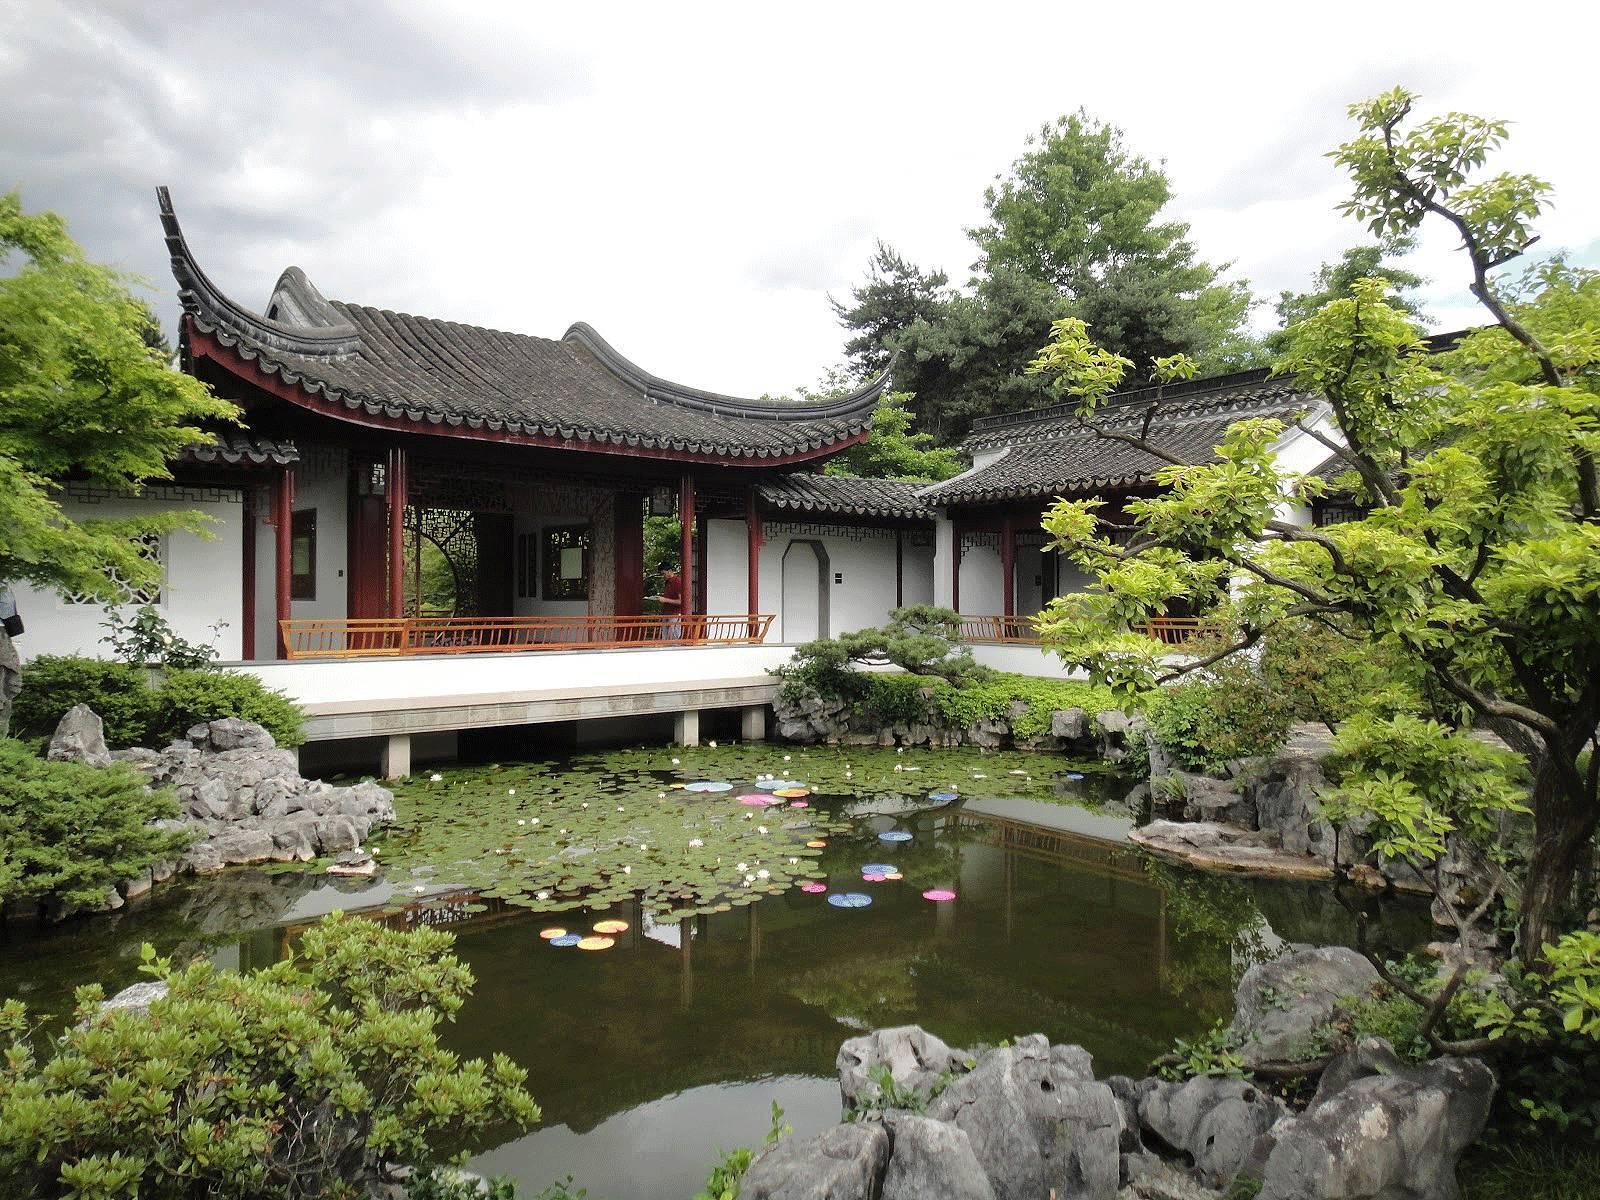 中式庭院pk西式庭院,你更喜欢哪个?图片